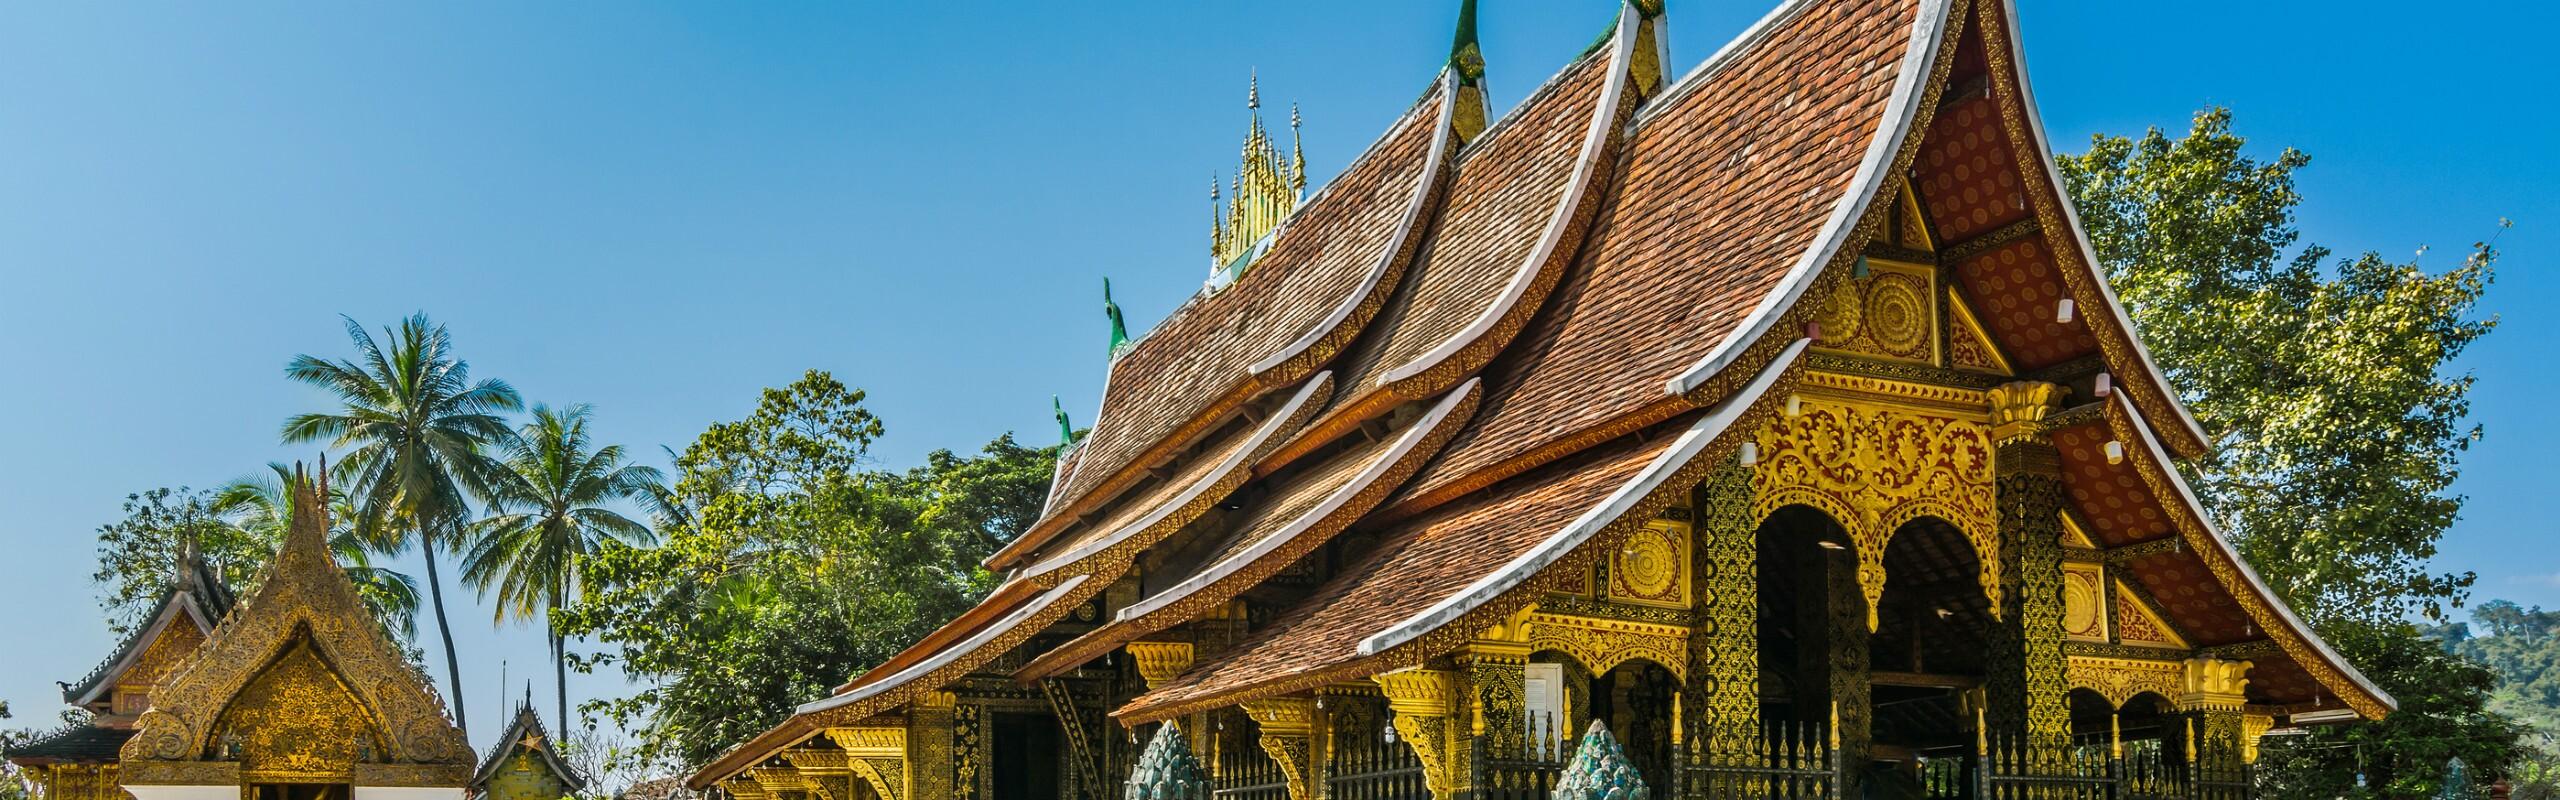 Wat Xieng Thong: Golden City Temple, Luang Prabang